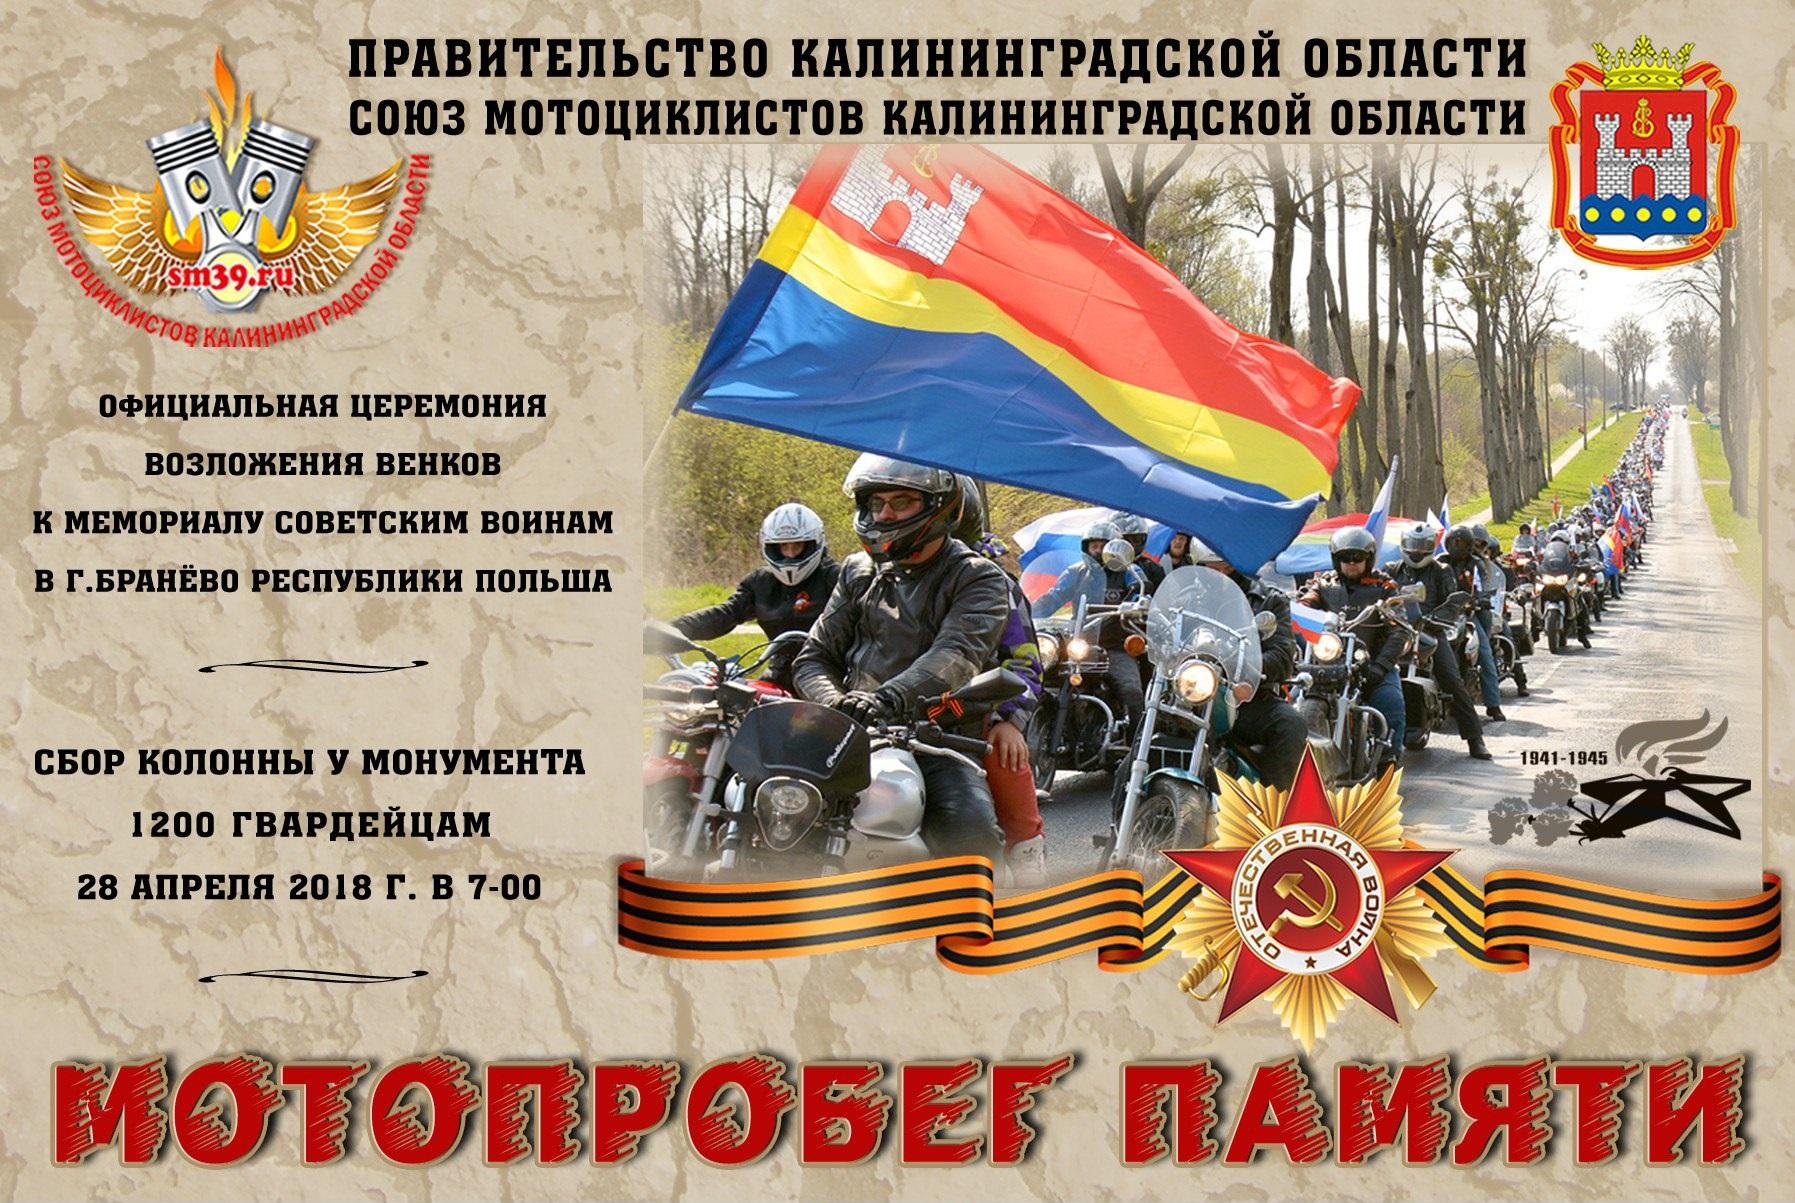 28 апреля 2018 г. выезд в г.Бранево на возложение цветов и венков к мемориалу павшим советским воинам в Великой Отечественной войне.